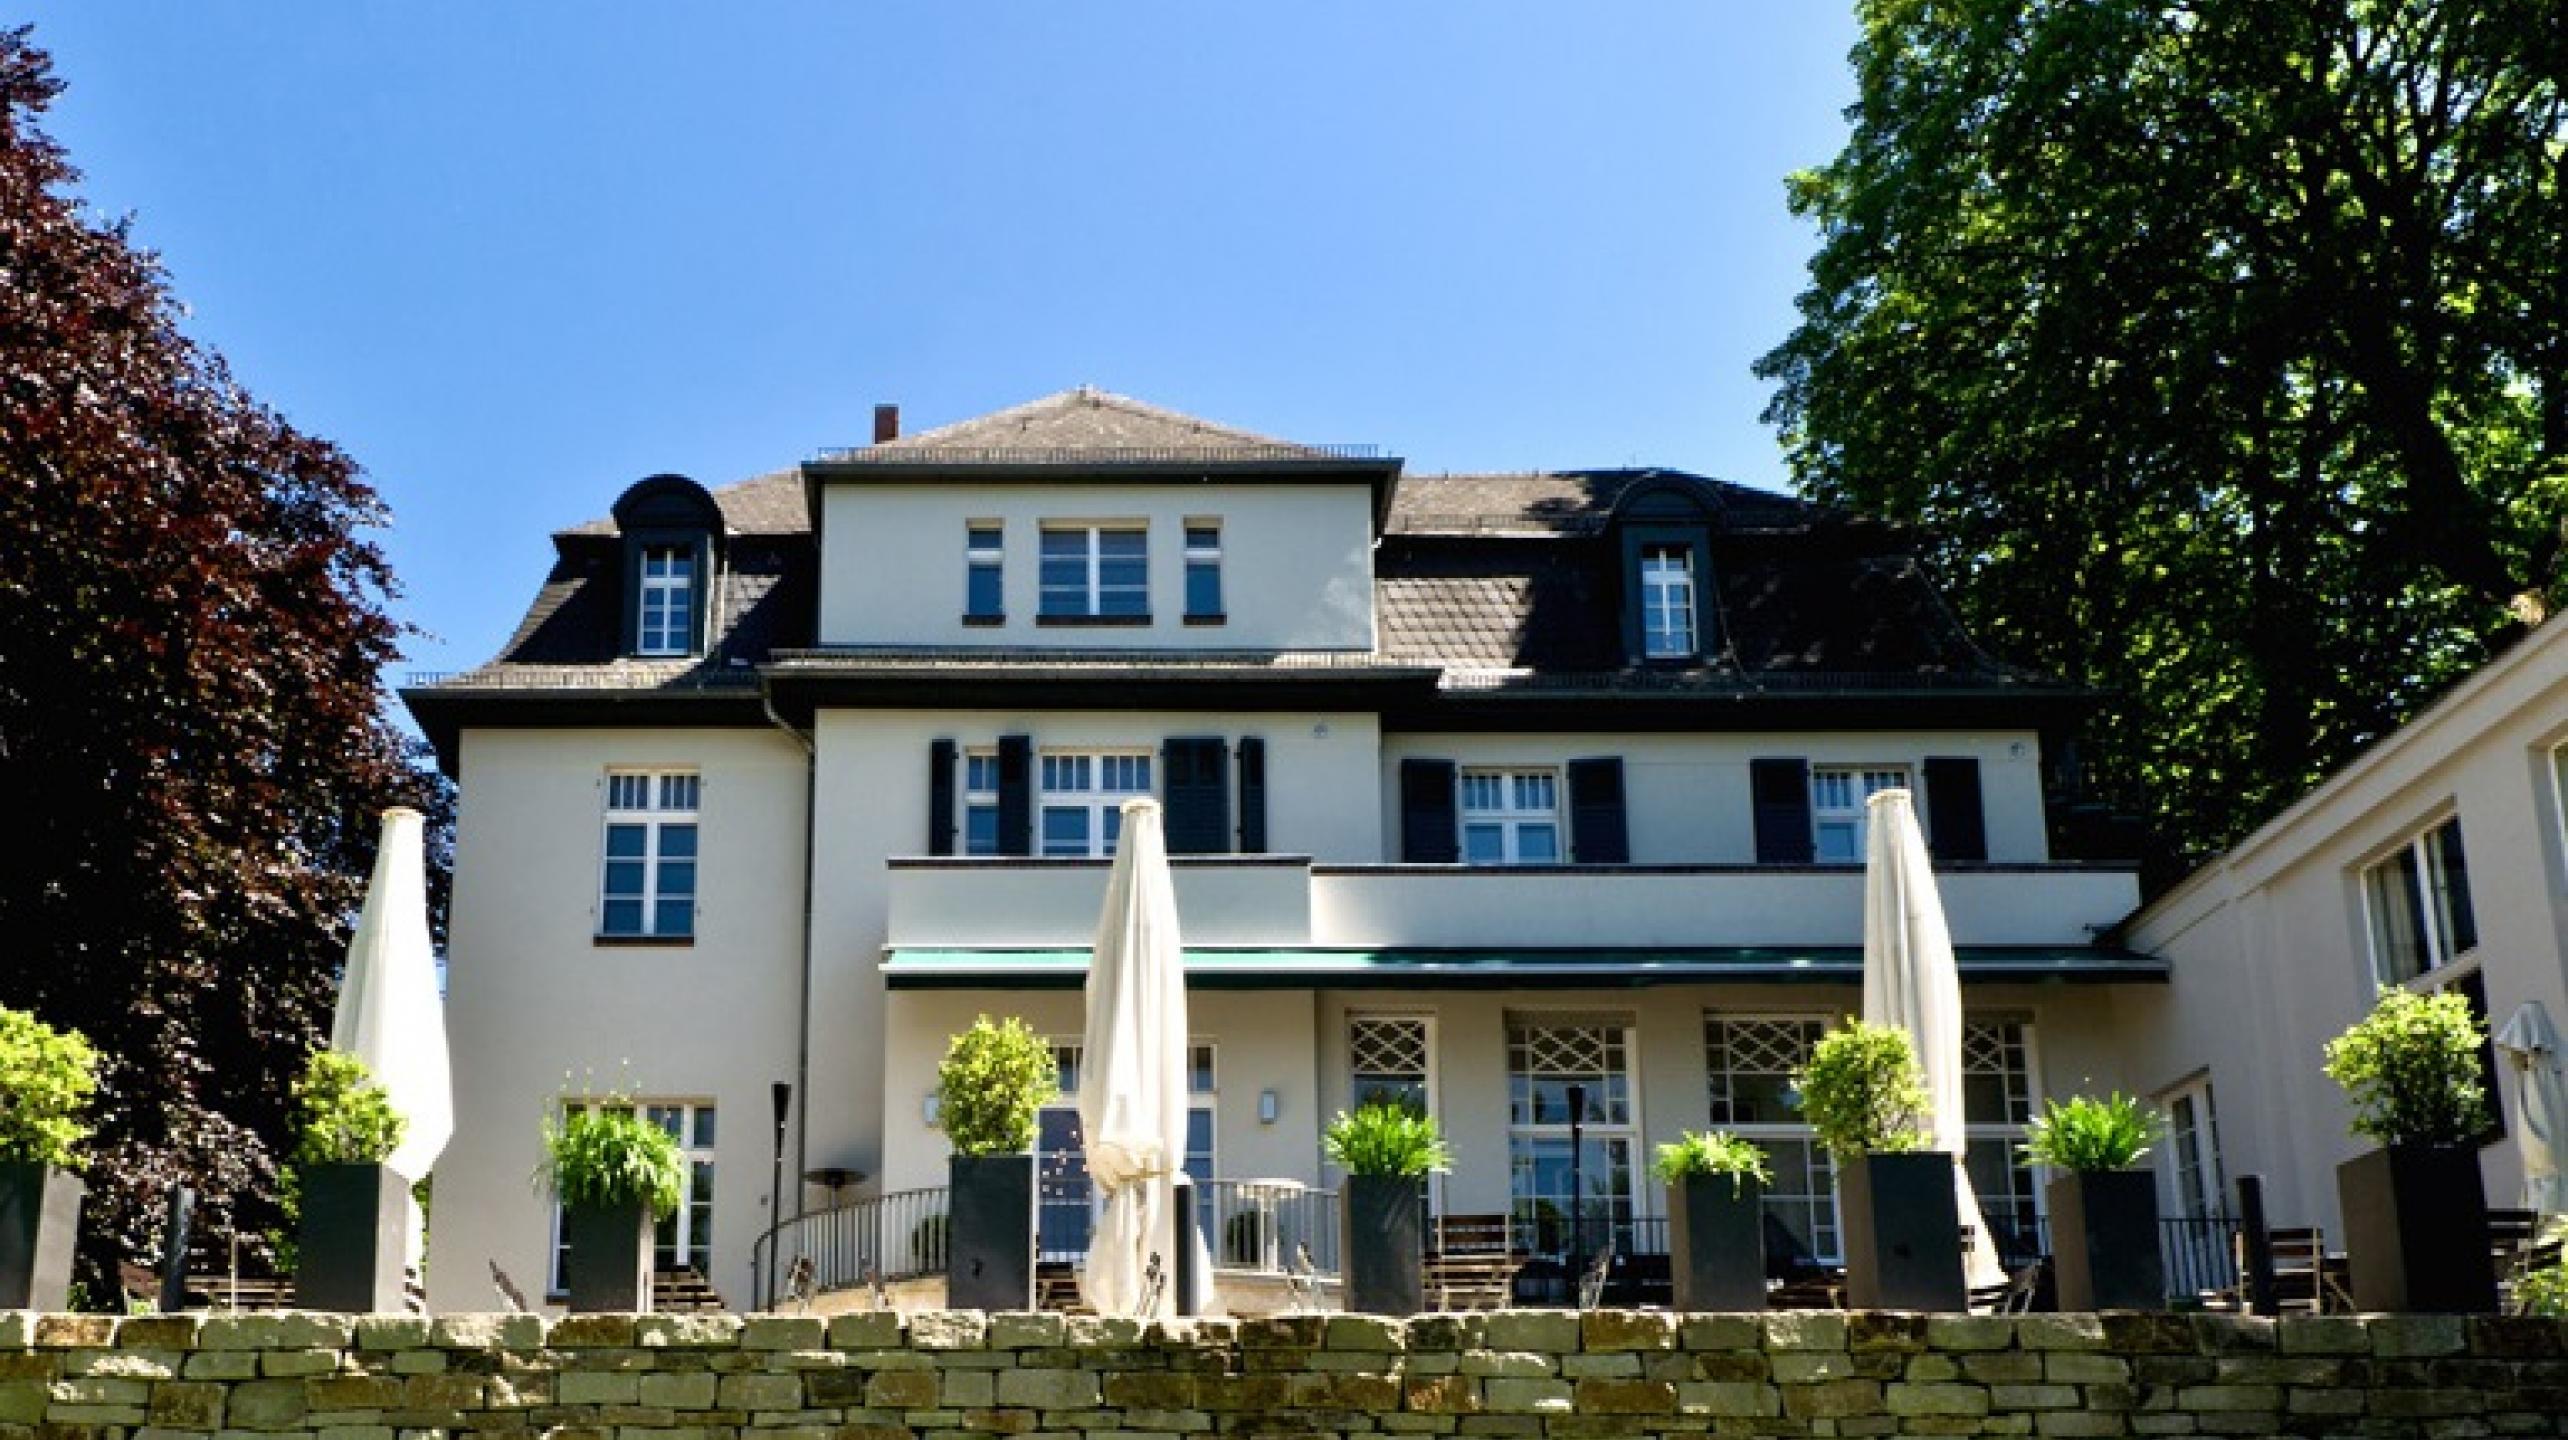 Villa Blumenfisch, Berlin